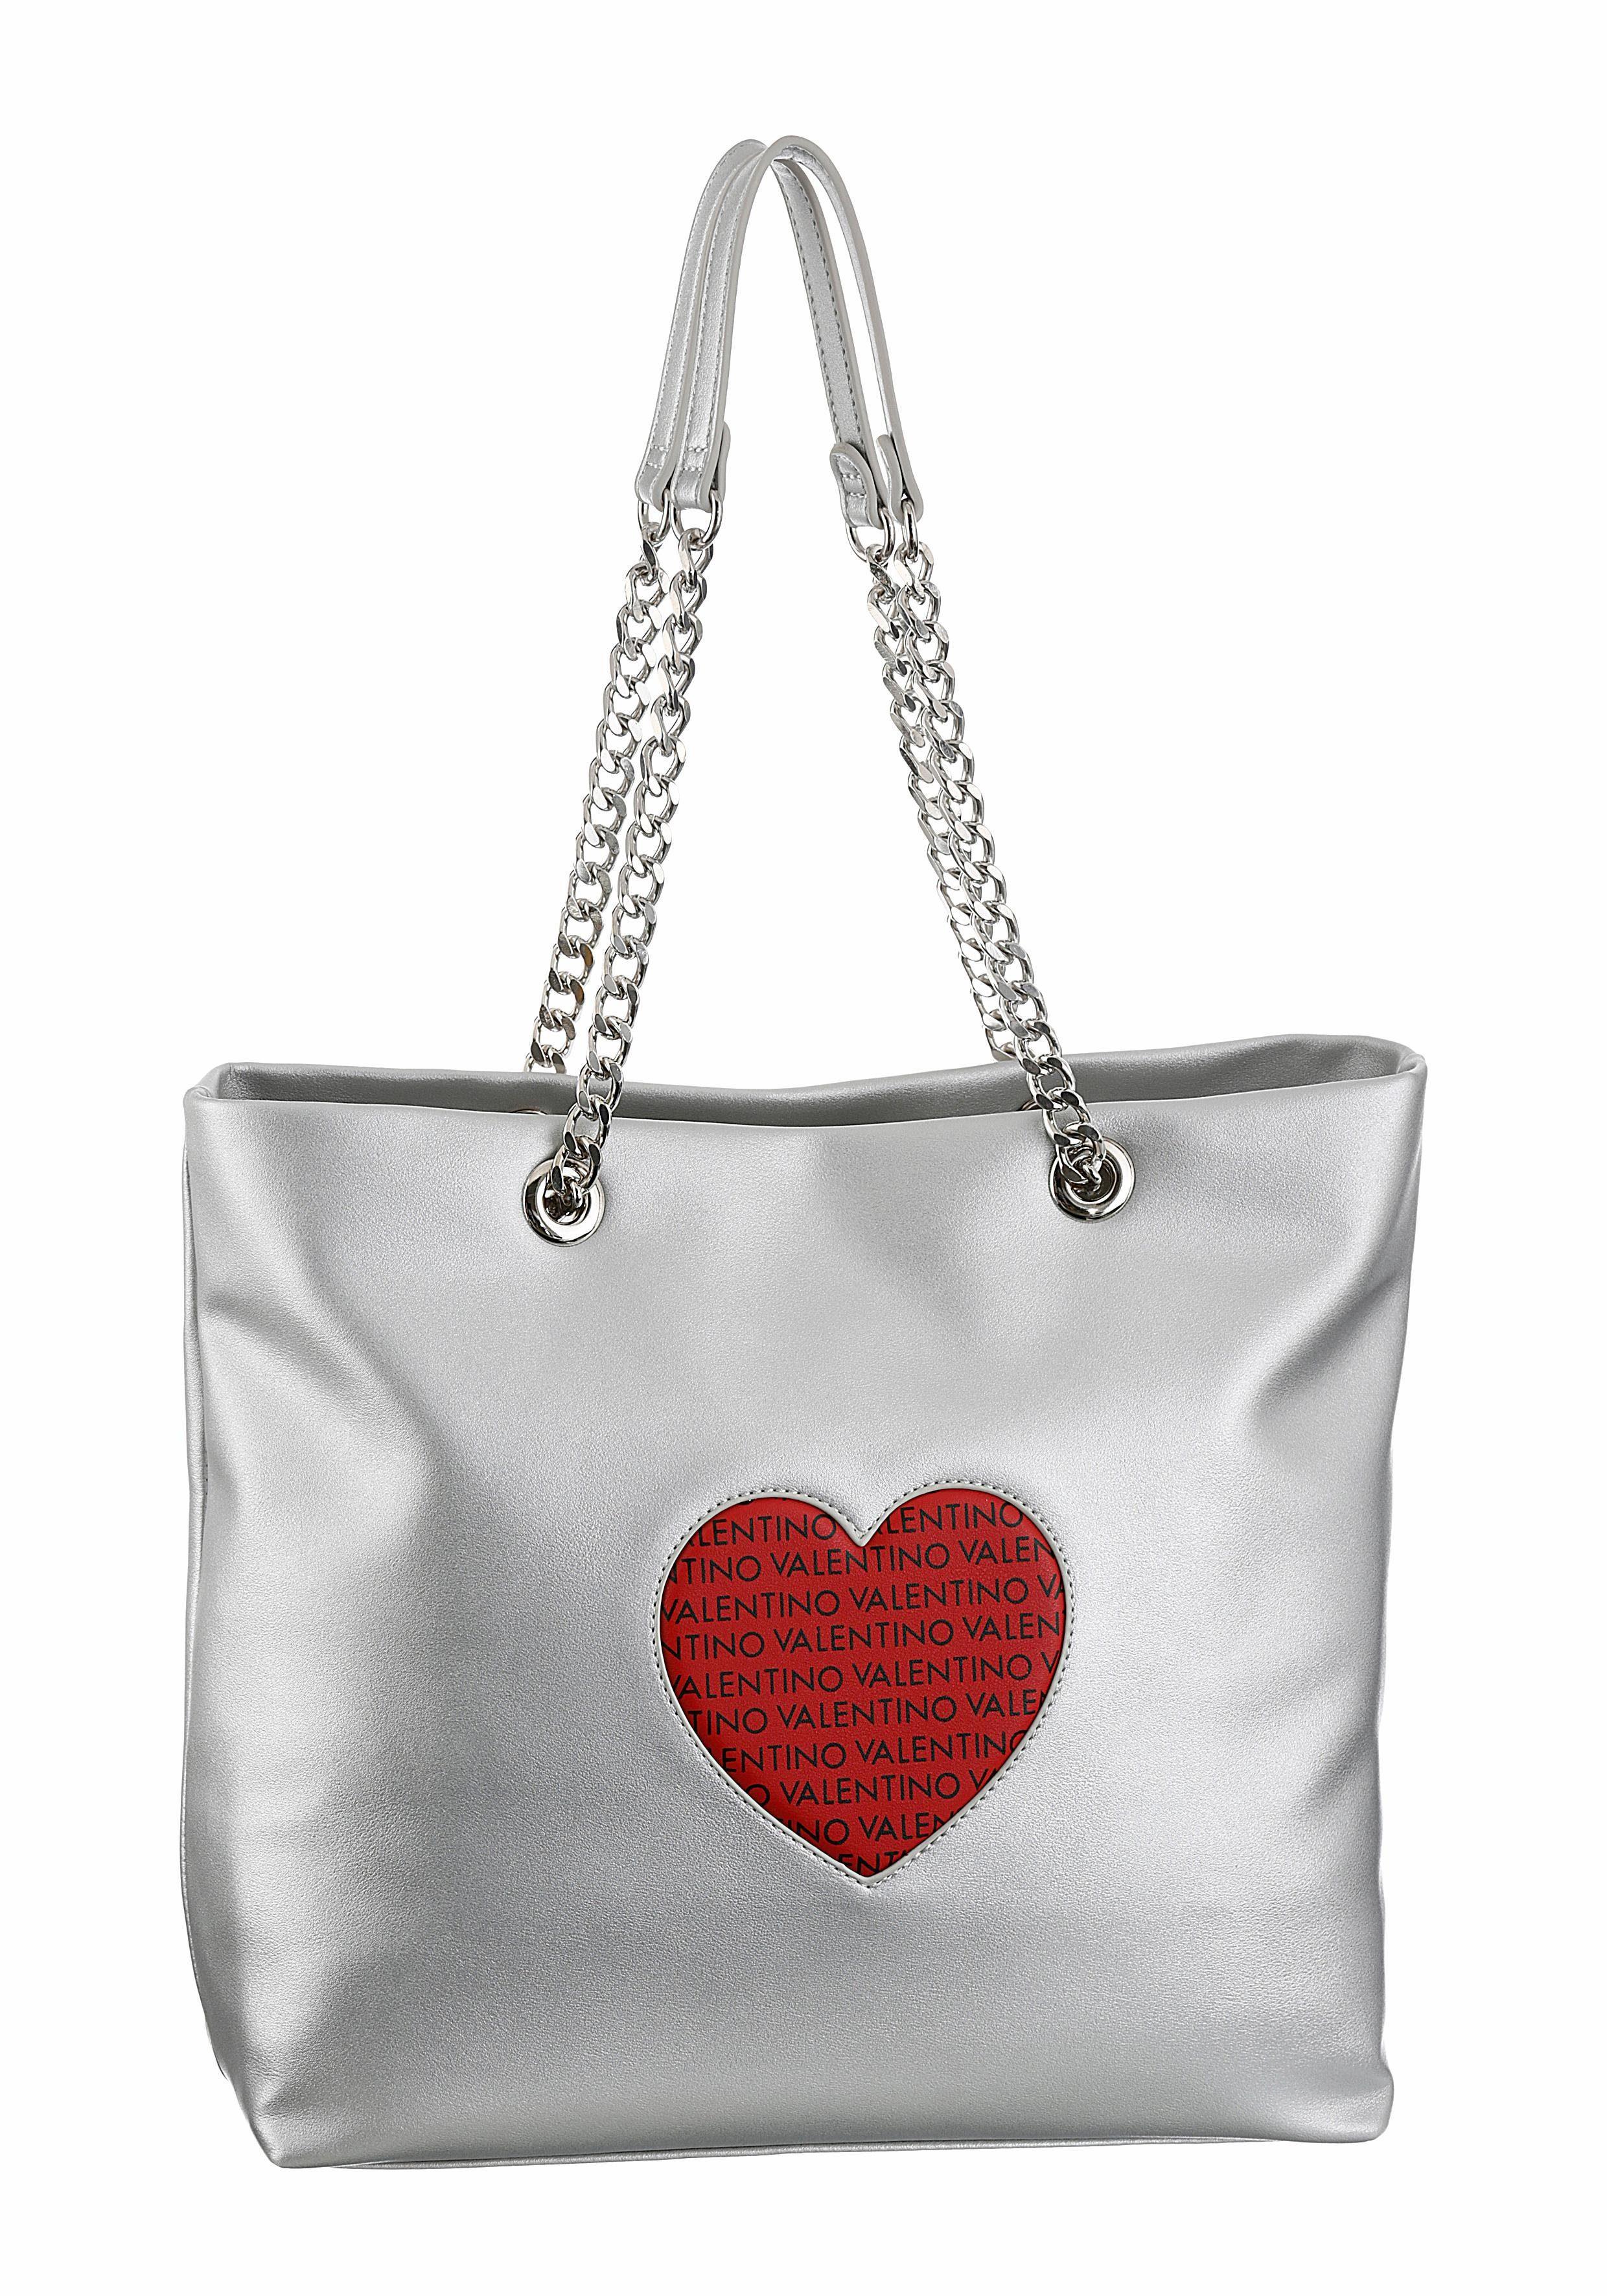 Valentino handbags Shopper »SUMMER LOVE«, mit Herzapplikation im Label-Druck